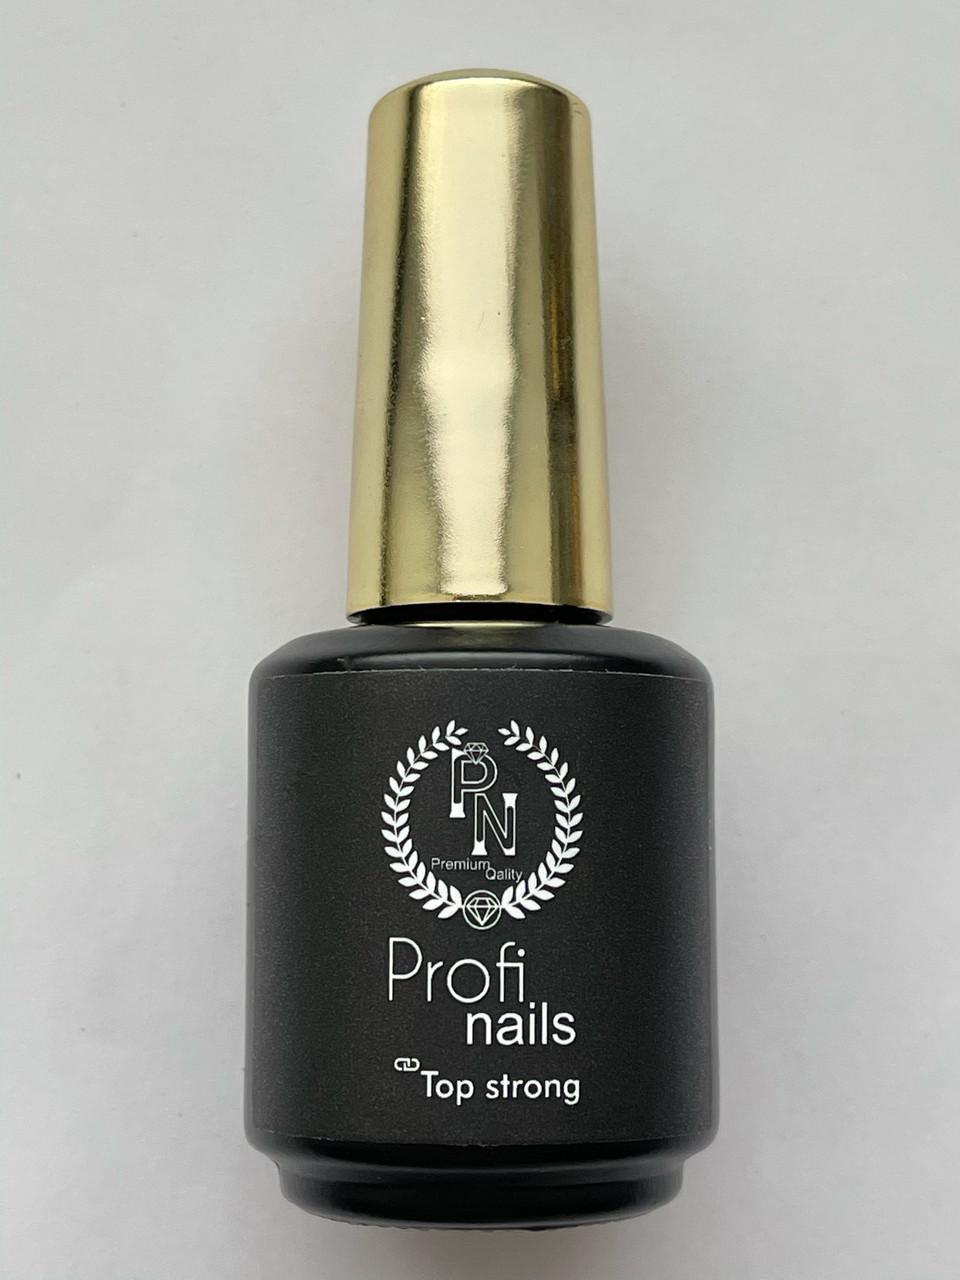 Strong от Profi nails сверхпрочное универсальное финишное покрытие от Profi nails8 мл